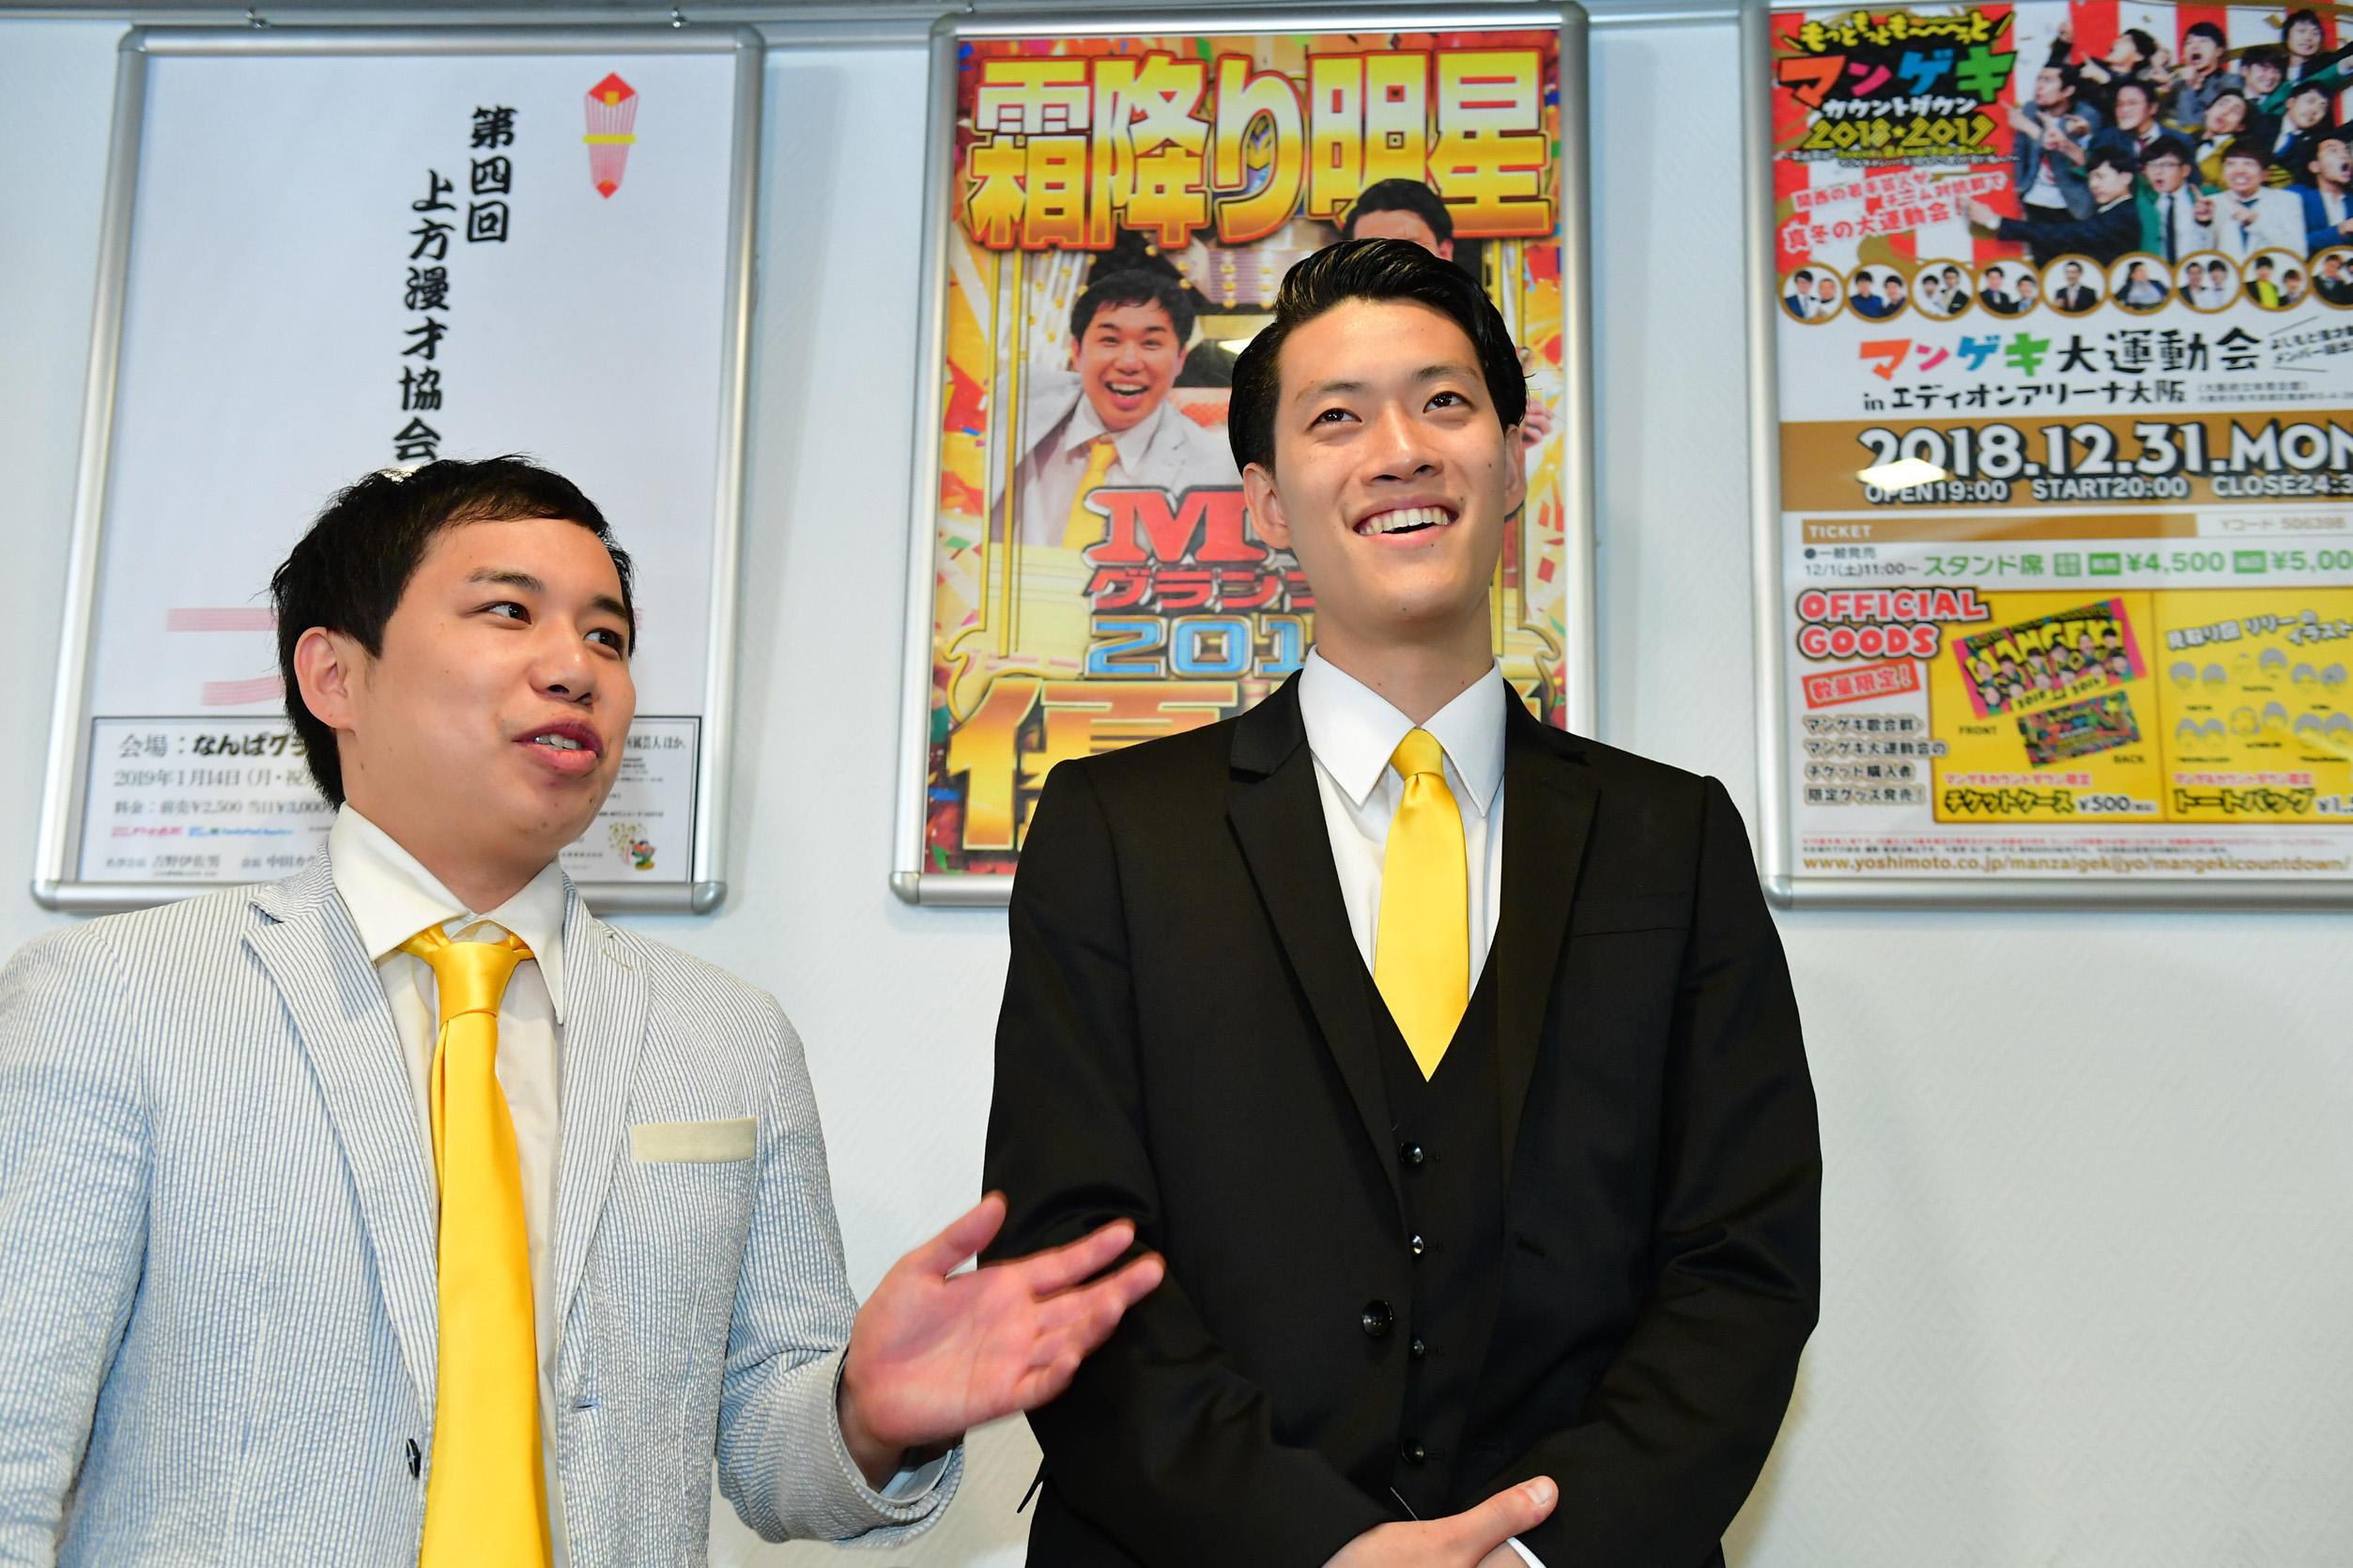 http://news.yoshimoto.co.jp/20181204232115-ee18d9cba470abc34ccd47be448f75a921323b8d.jpg